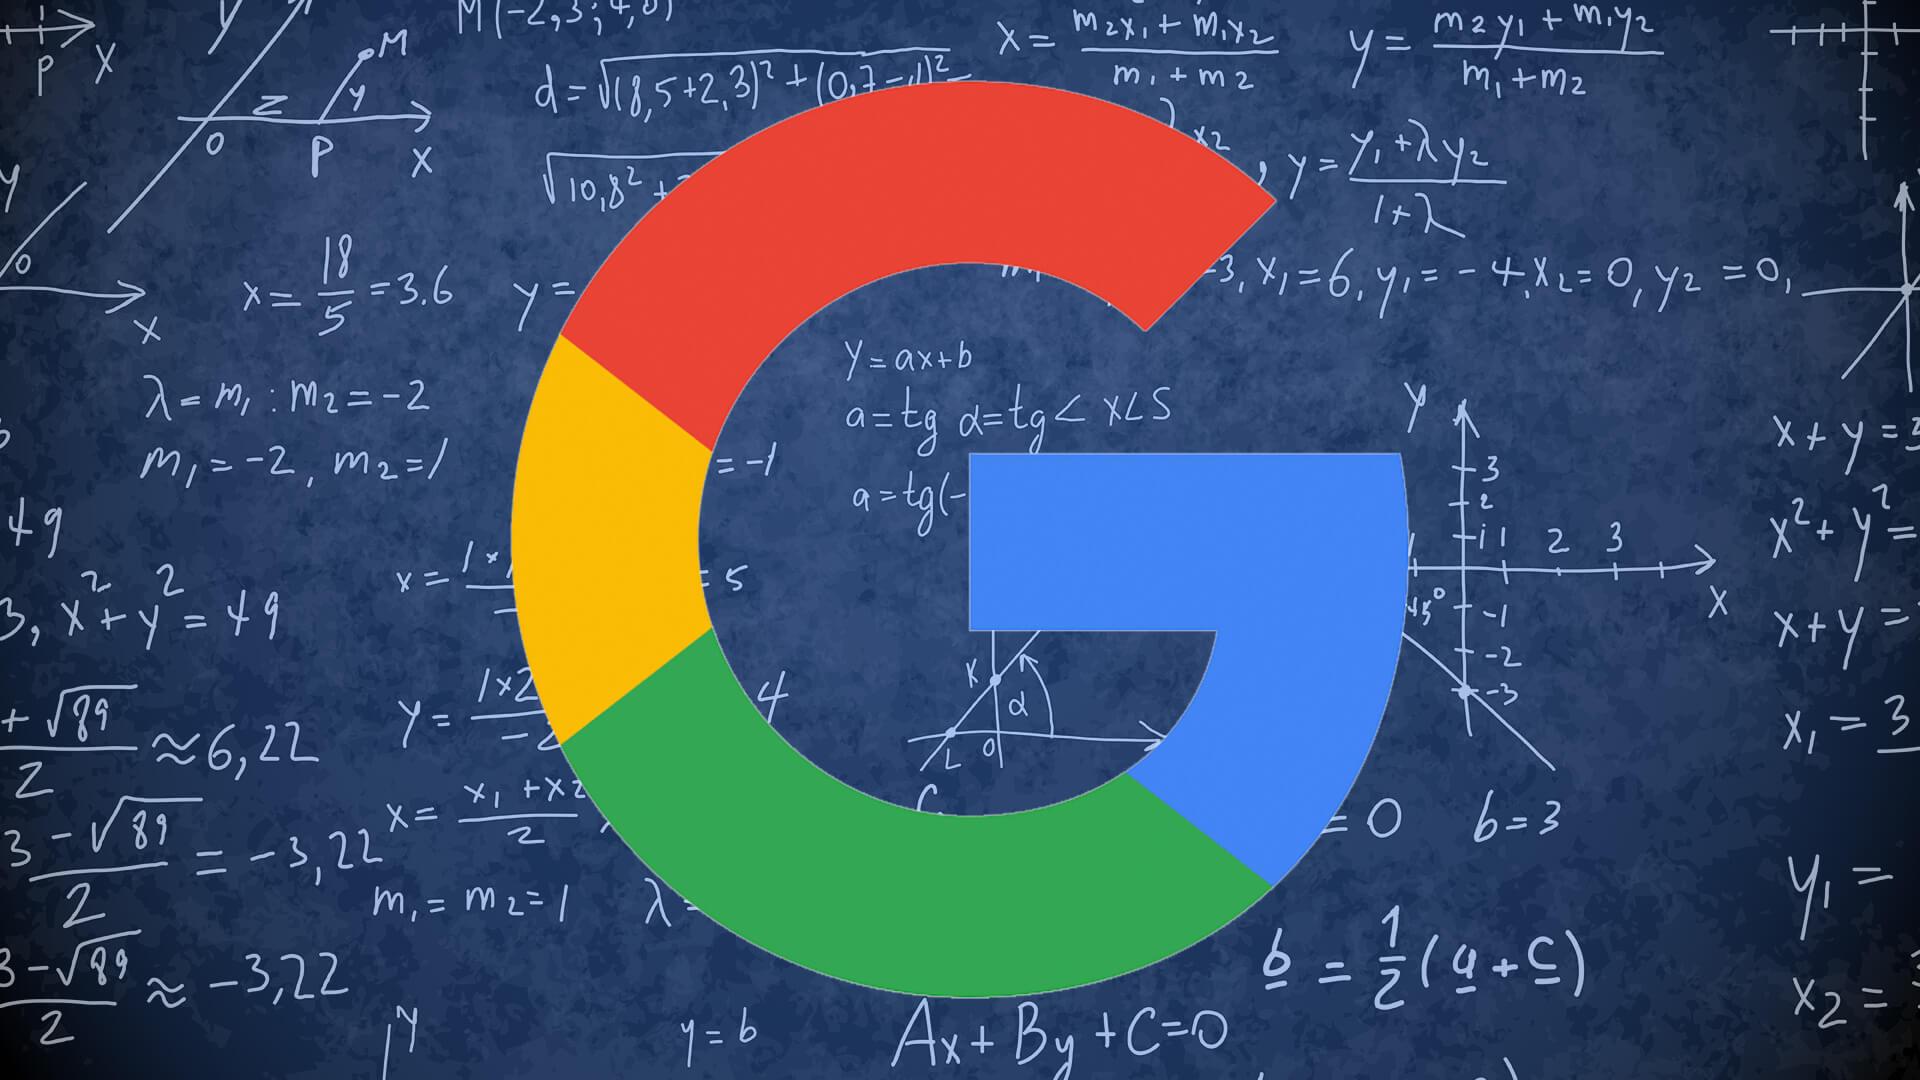 2019年 3月 Google(グーグル) コアアルゴリズム アップデート